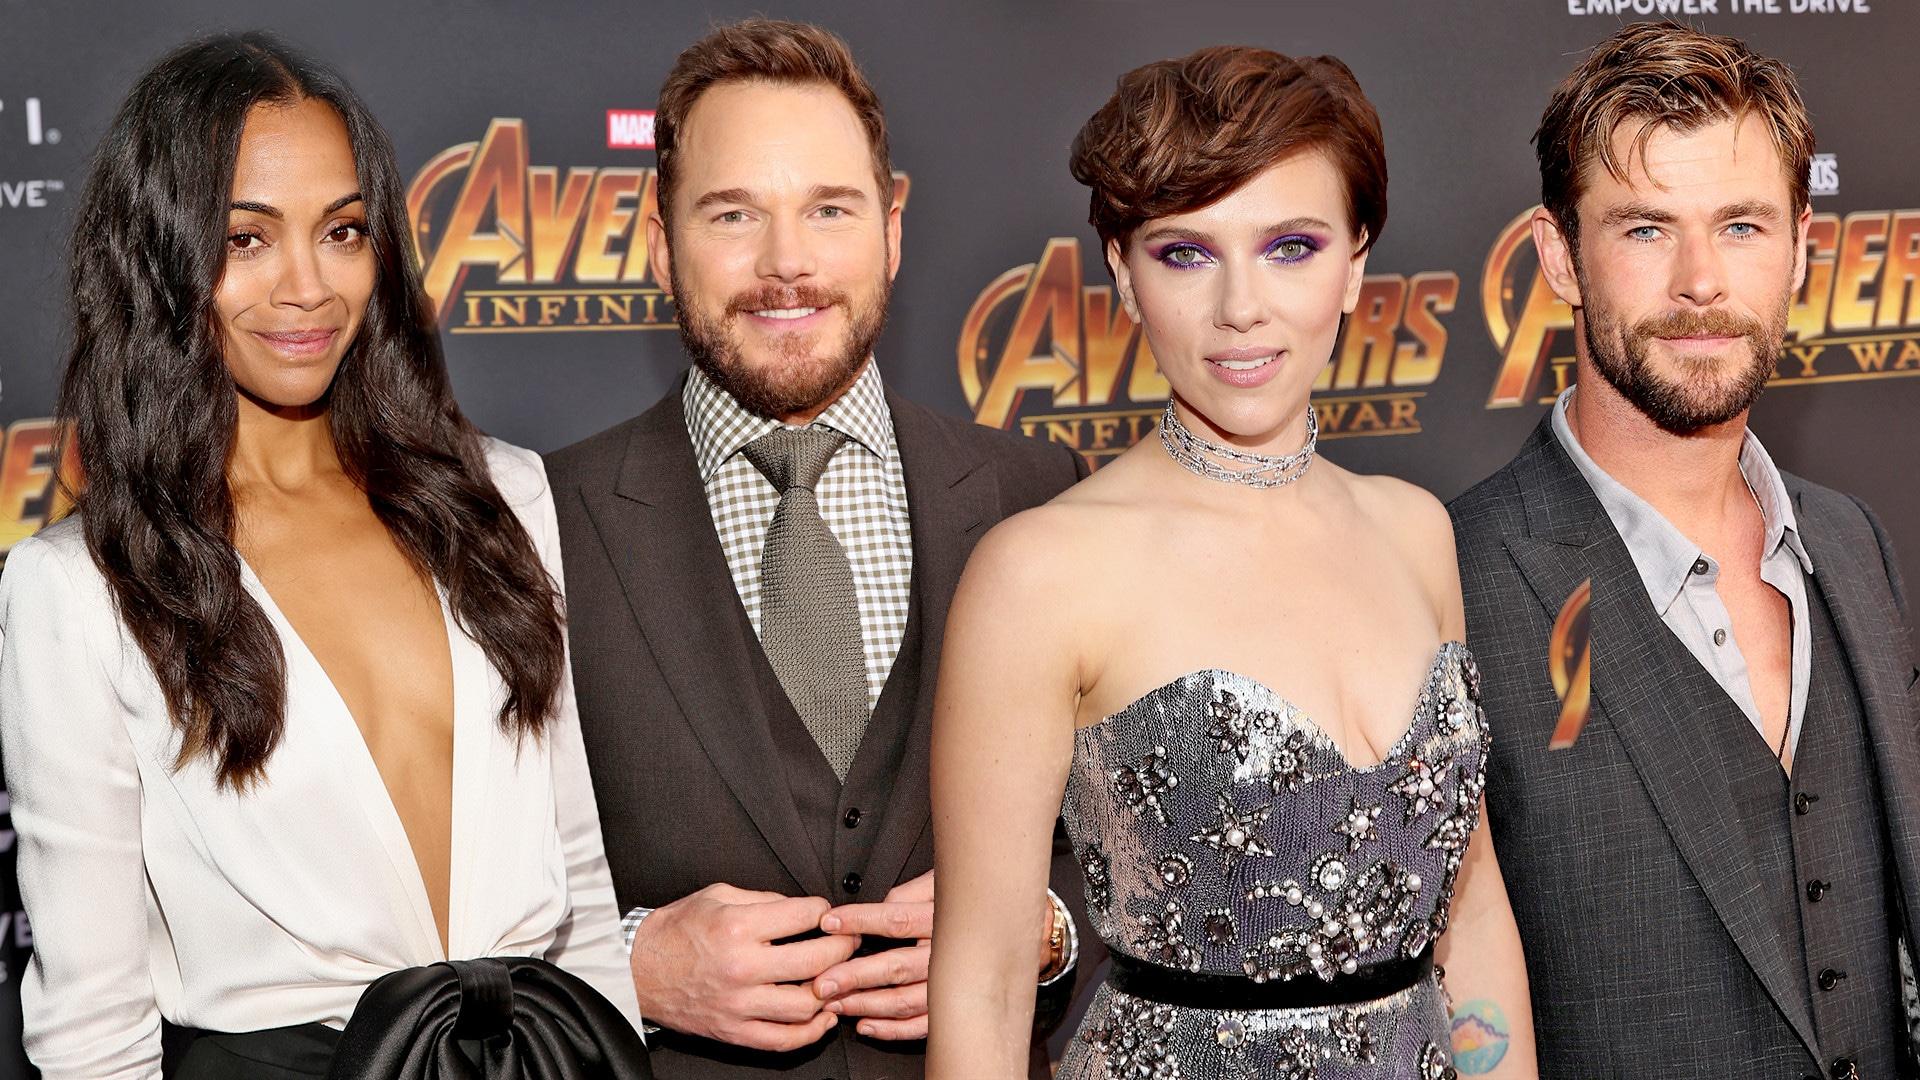 Avengers: Infinity War, Premiere